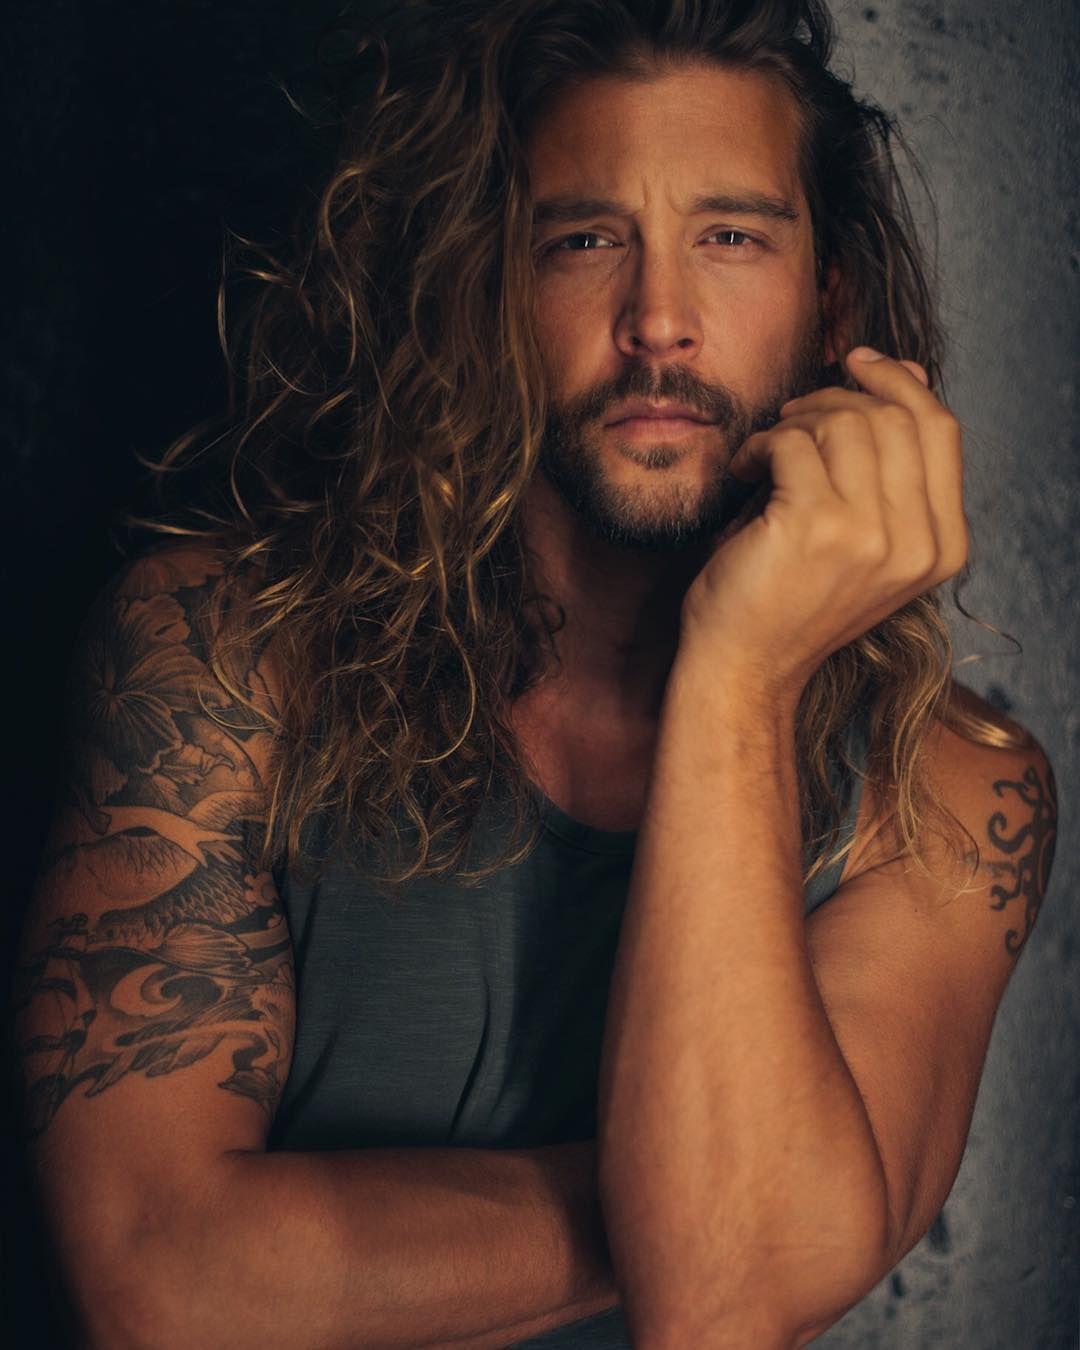 Long curly hair for men long hair inspiration long natural hair - Inspiration Long Hair For Men Long Wavy Hair For Men Long Curly Hair